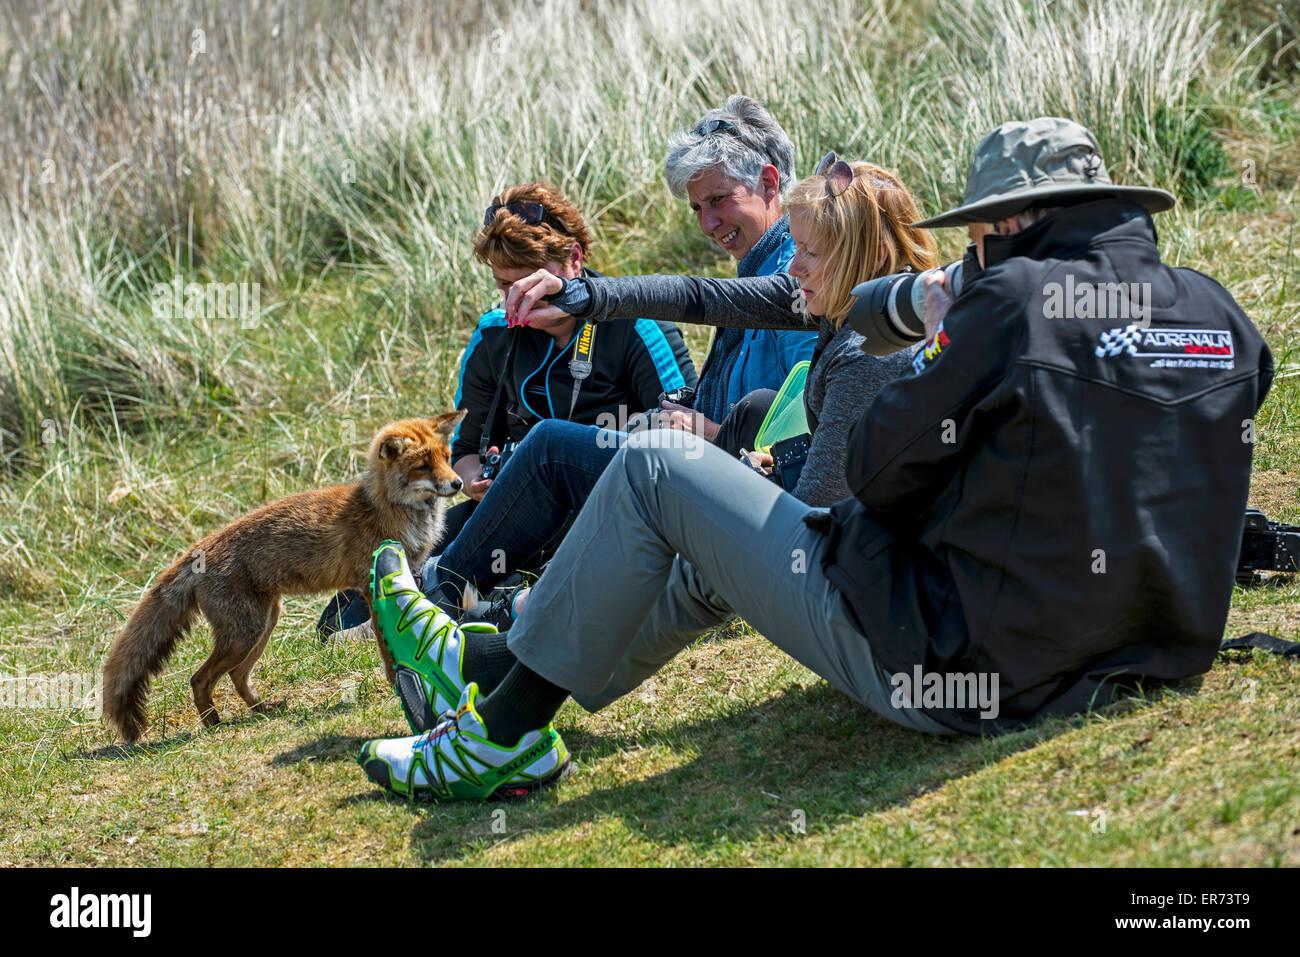 Zahme Rotfuchs (Vulpes Vulpes) von verantwortungslosen Touristen im Naturschutzgebiet gefüttert Stockbild